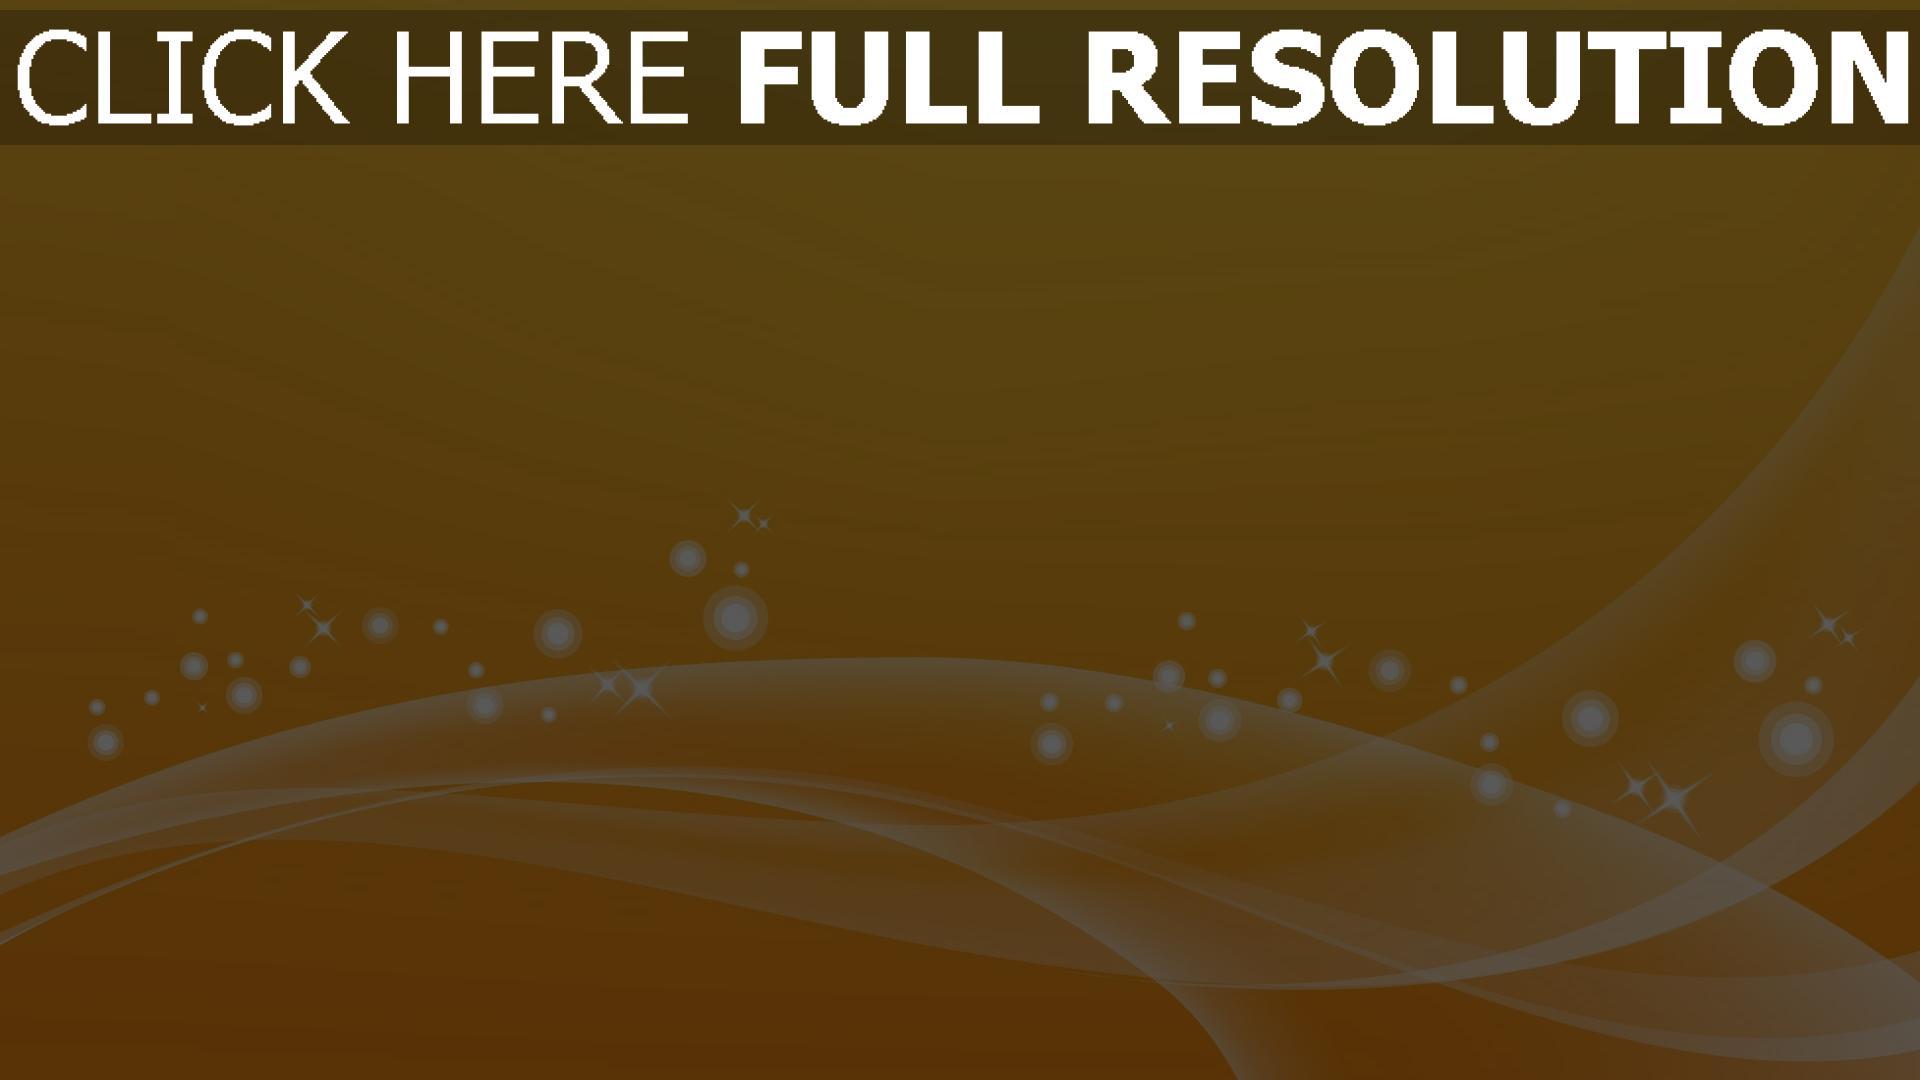 Herunterladen 1920x1080 Full HD Hintergrundbilder Linien